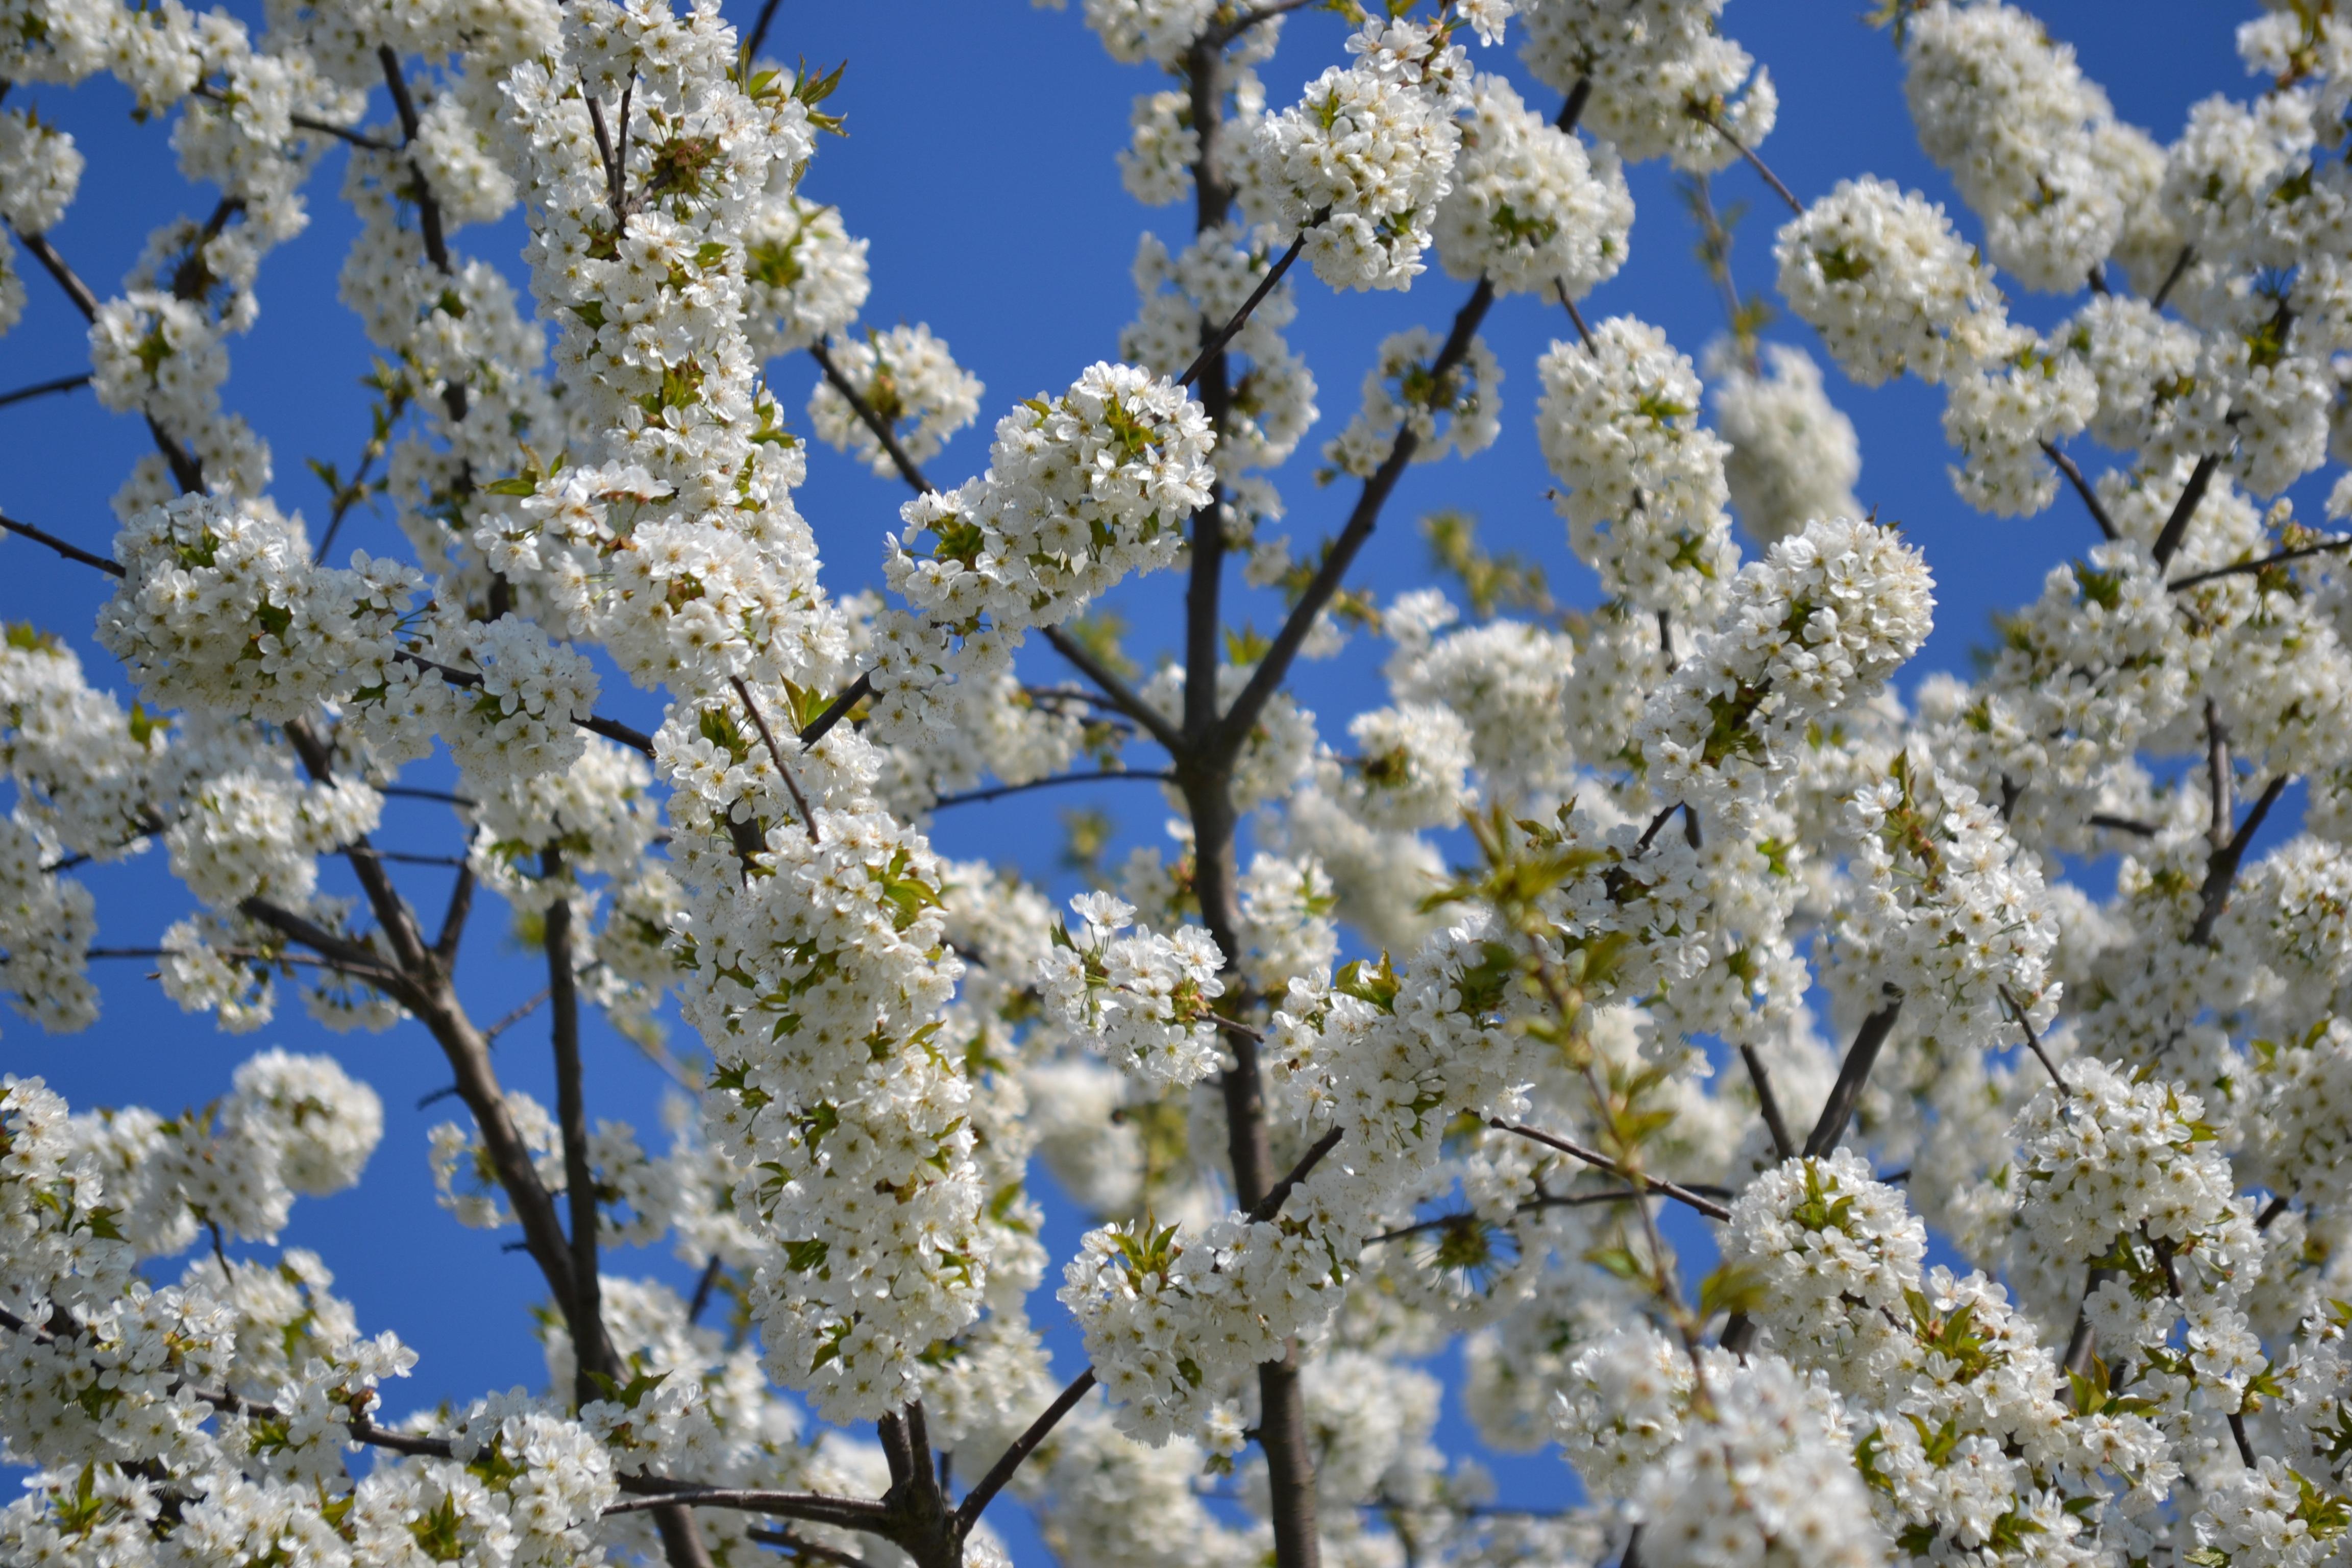 меня есть фото весна в апреле когда все цветет многие также